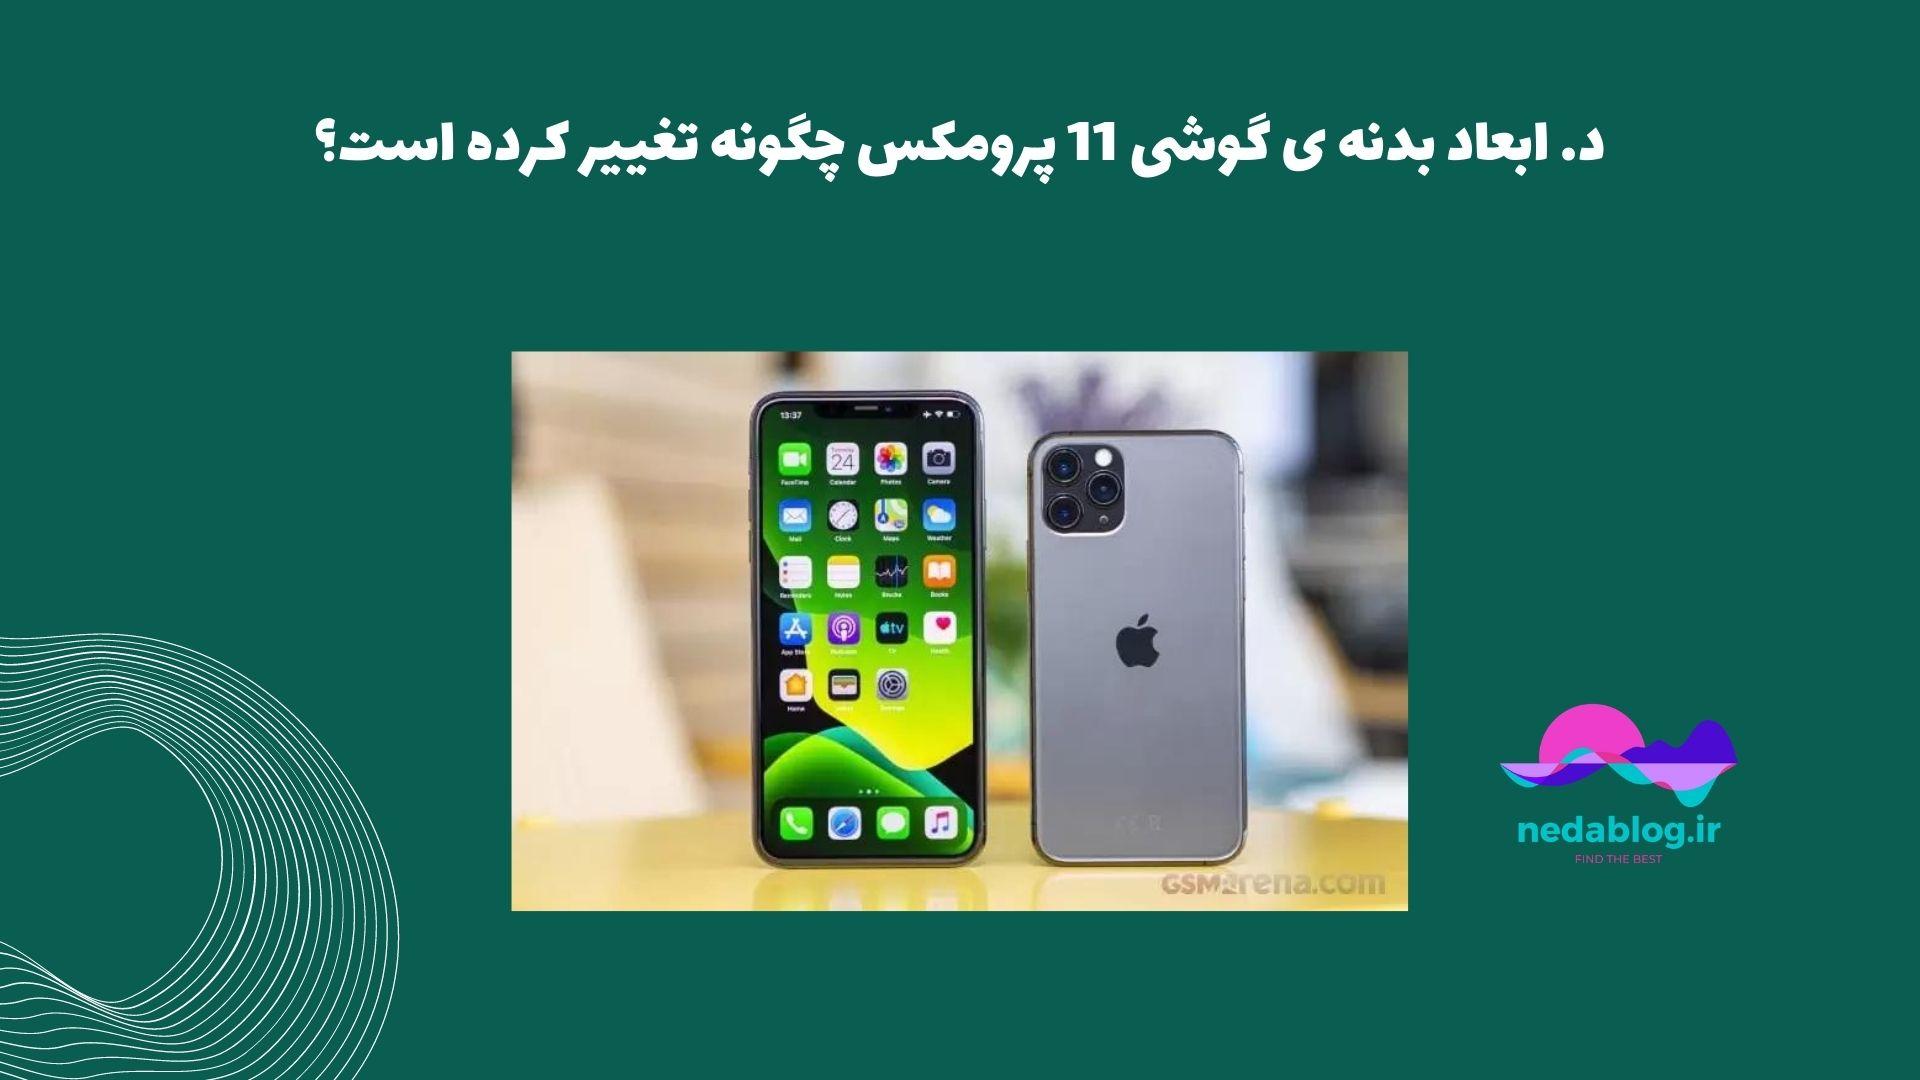 ابعاد بدنه ی گوشی 11 پرومکس چگونه تغییر کرده است؟